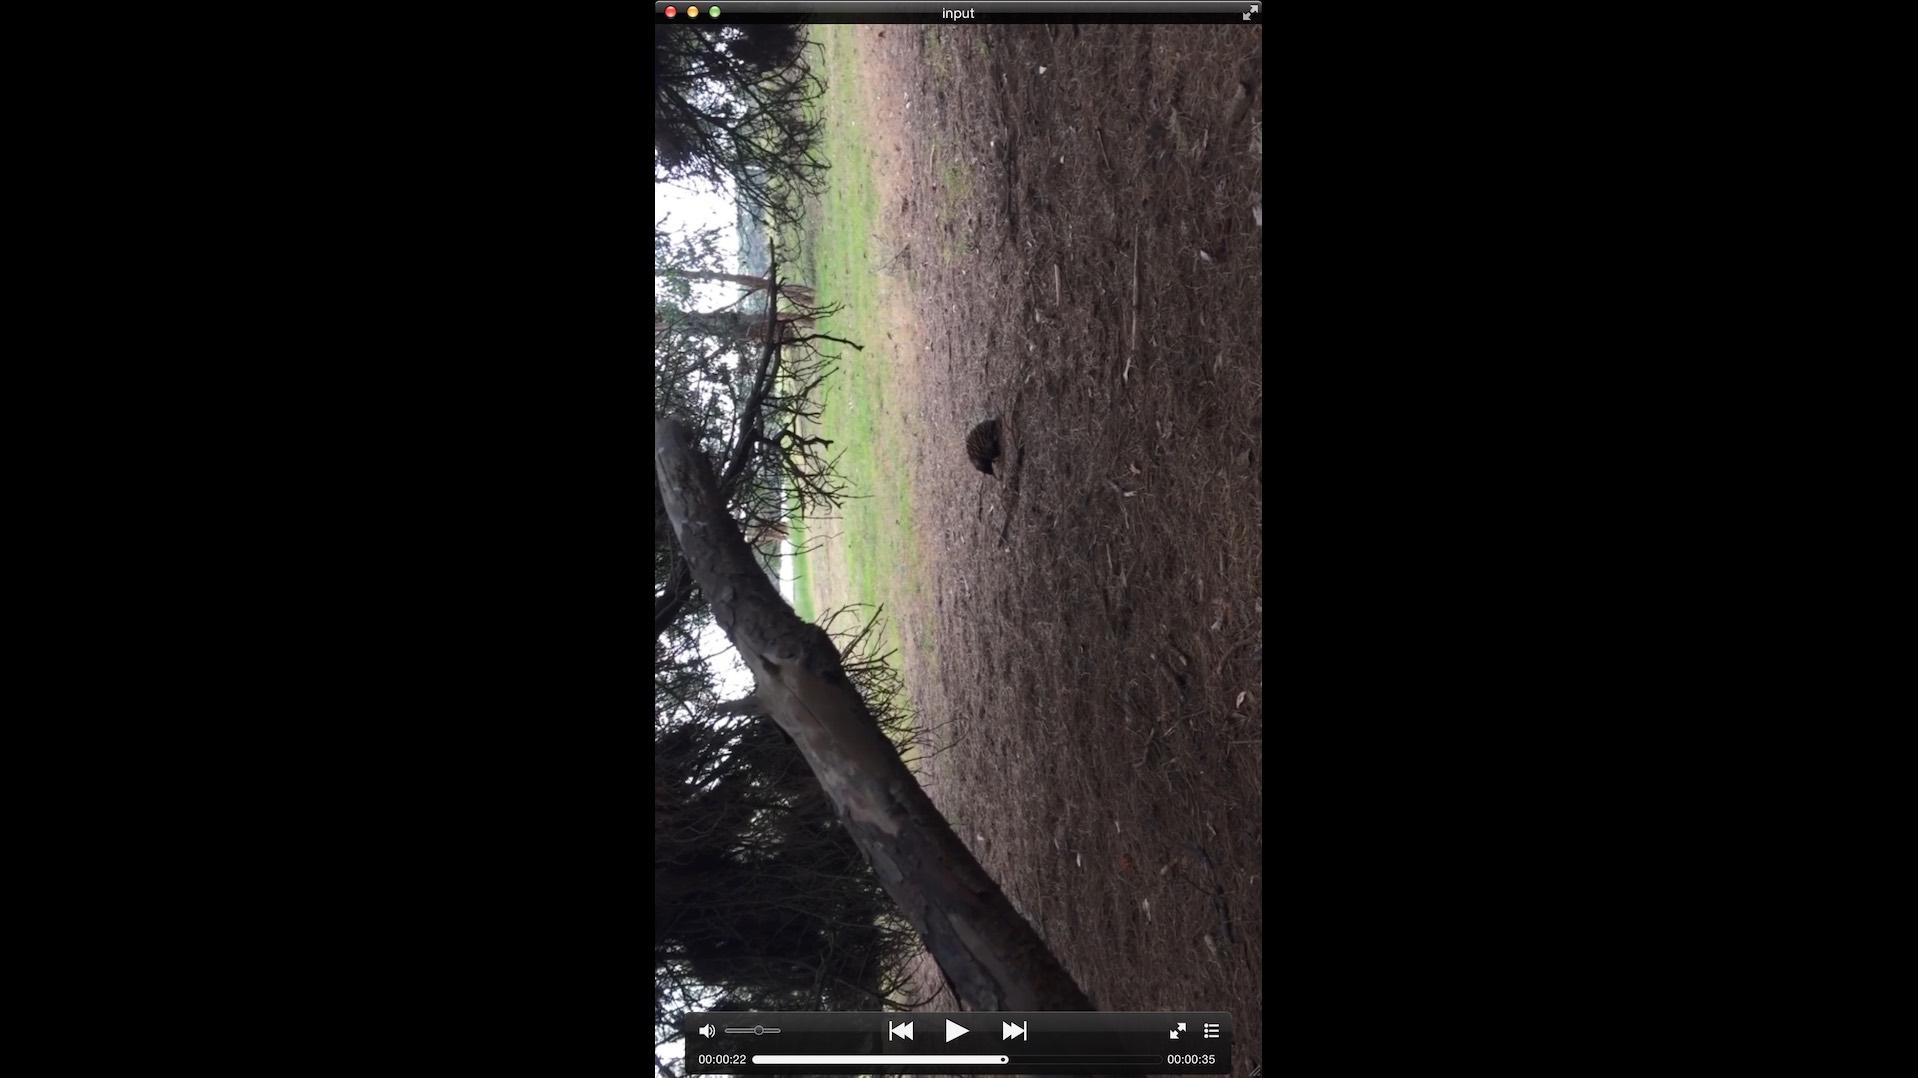 rusl net - HandBrakeCLI video rotation